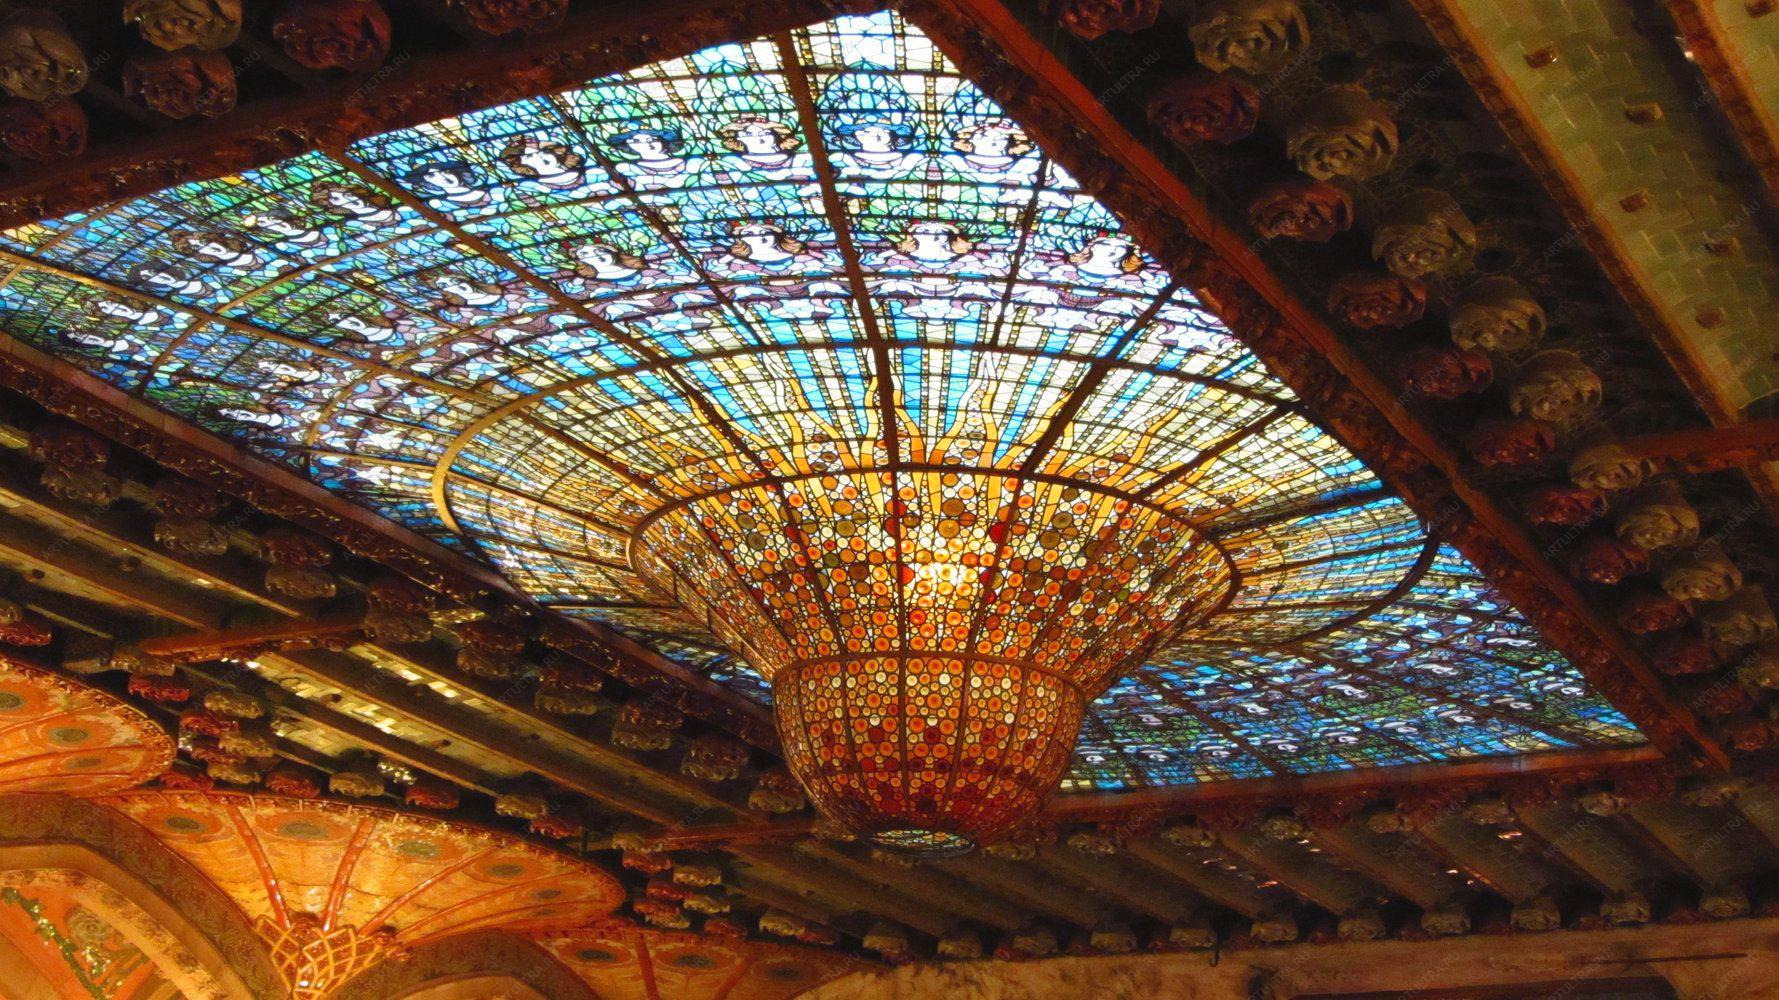 люстра_в_дворце_каталонской_музыки_Барселона